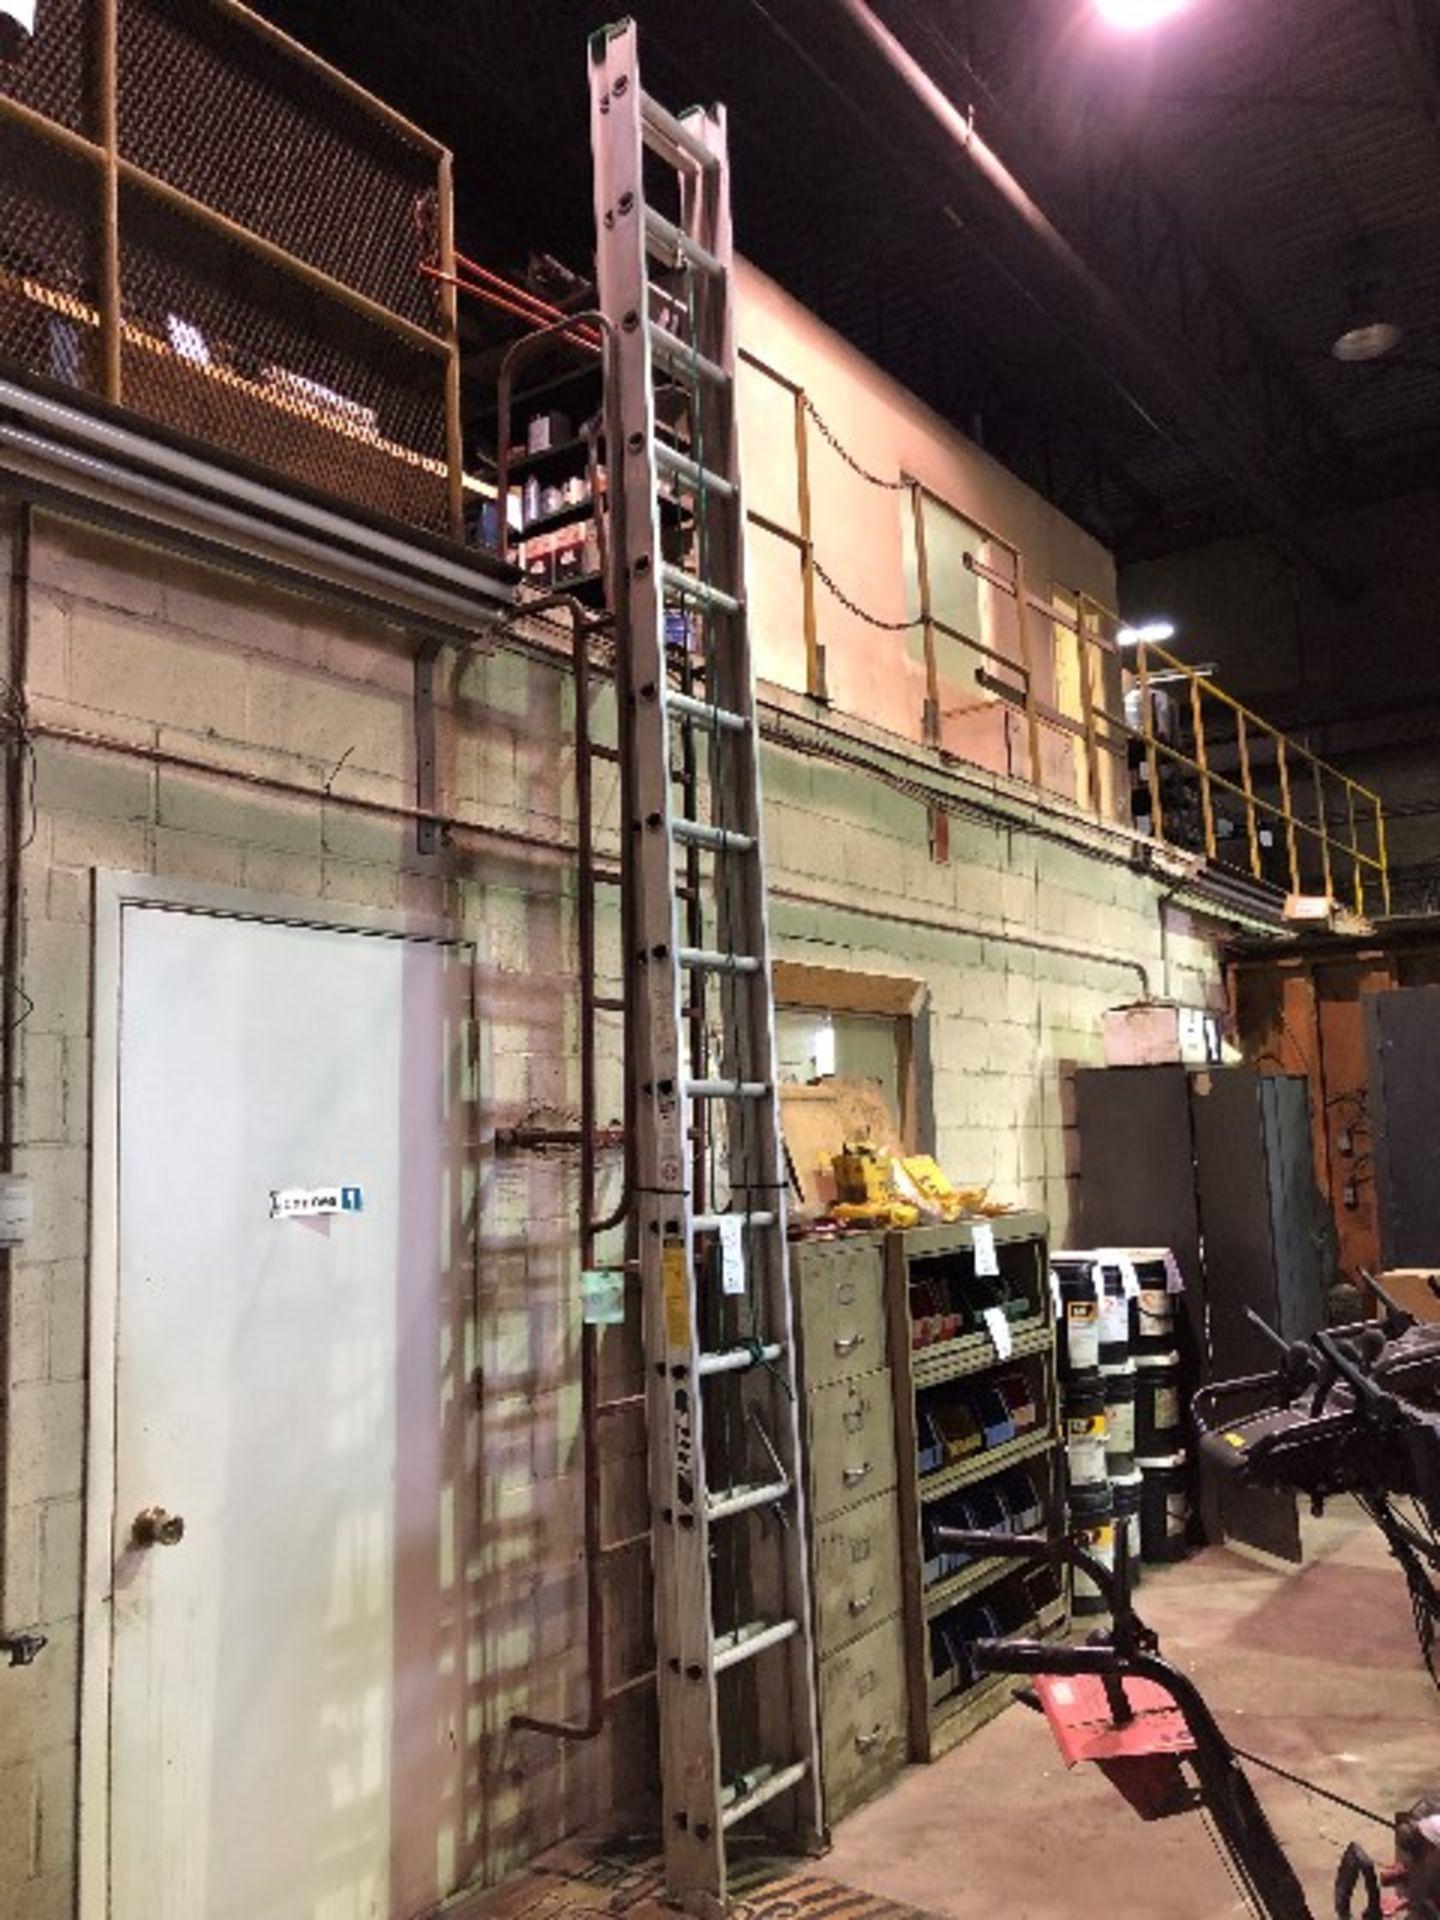 Extension ladder, 25ft